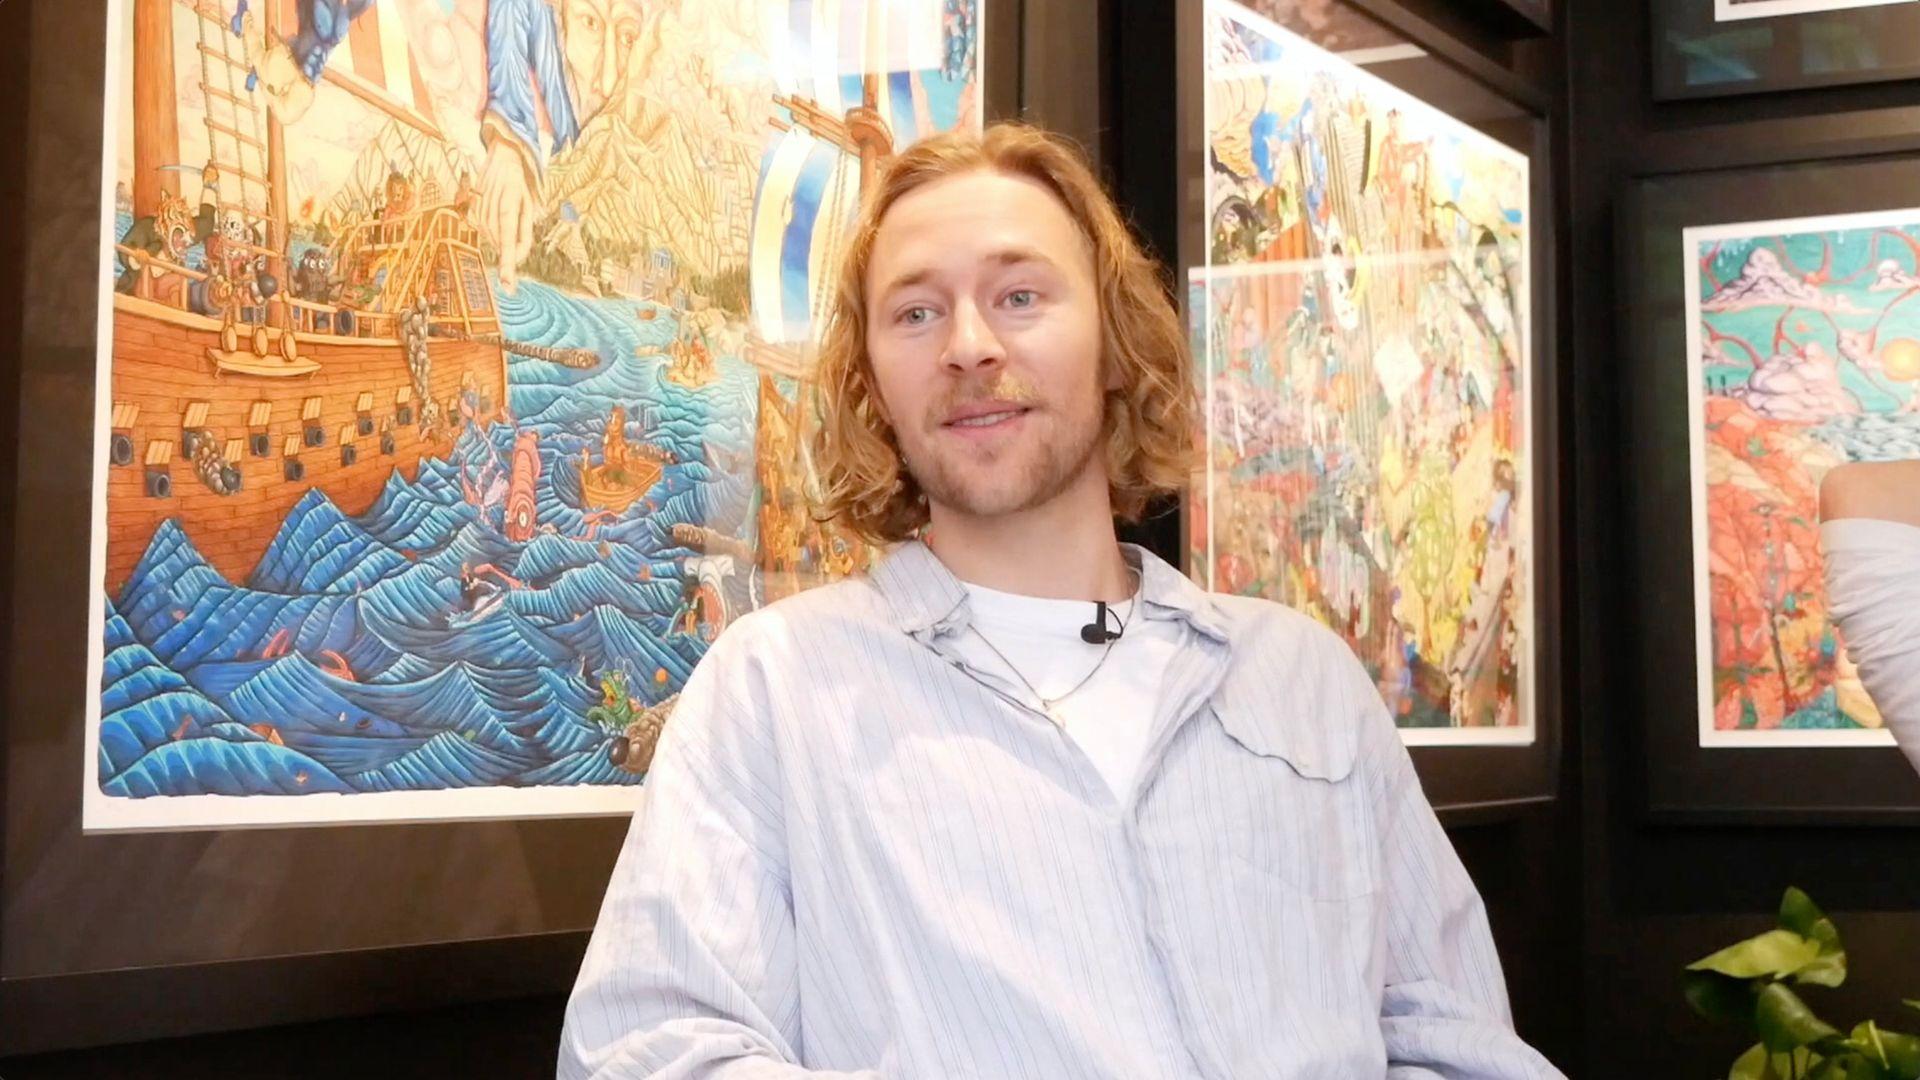 Christoffer Kroge Christensen